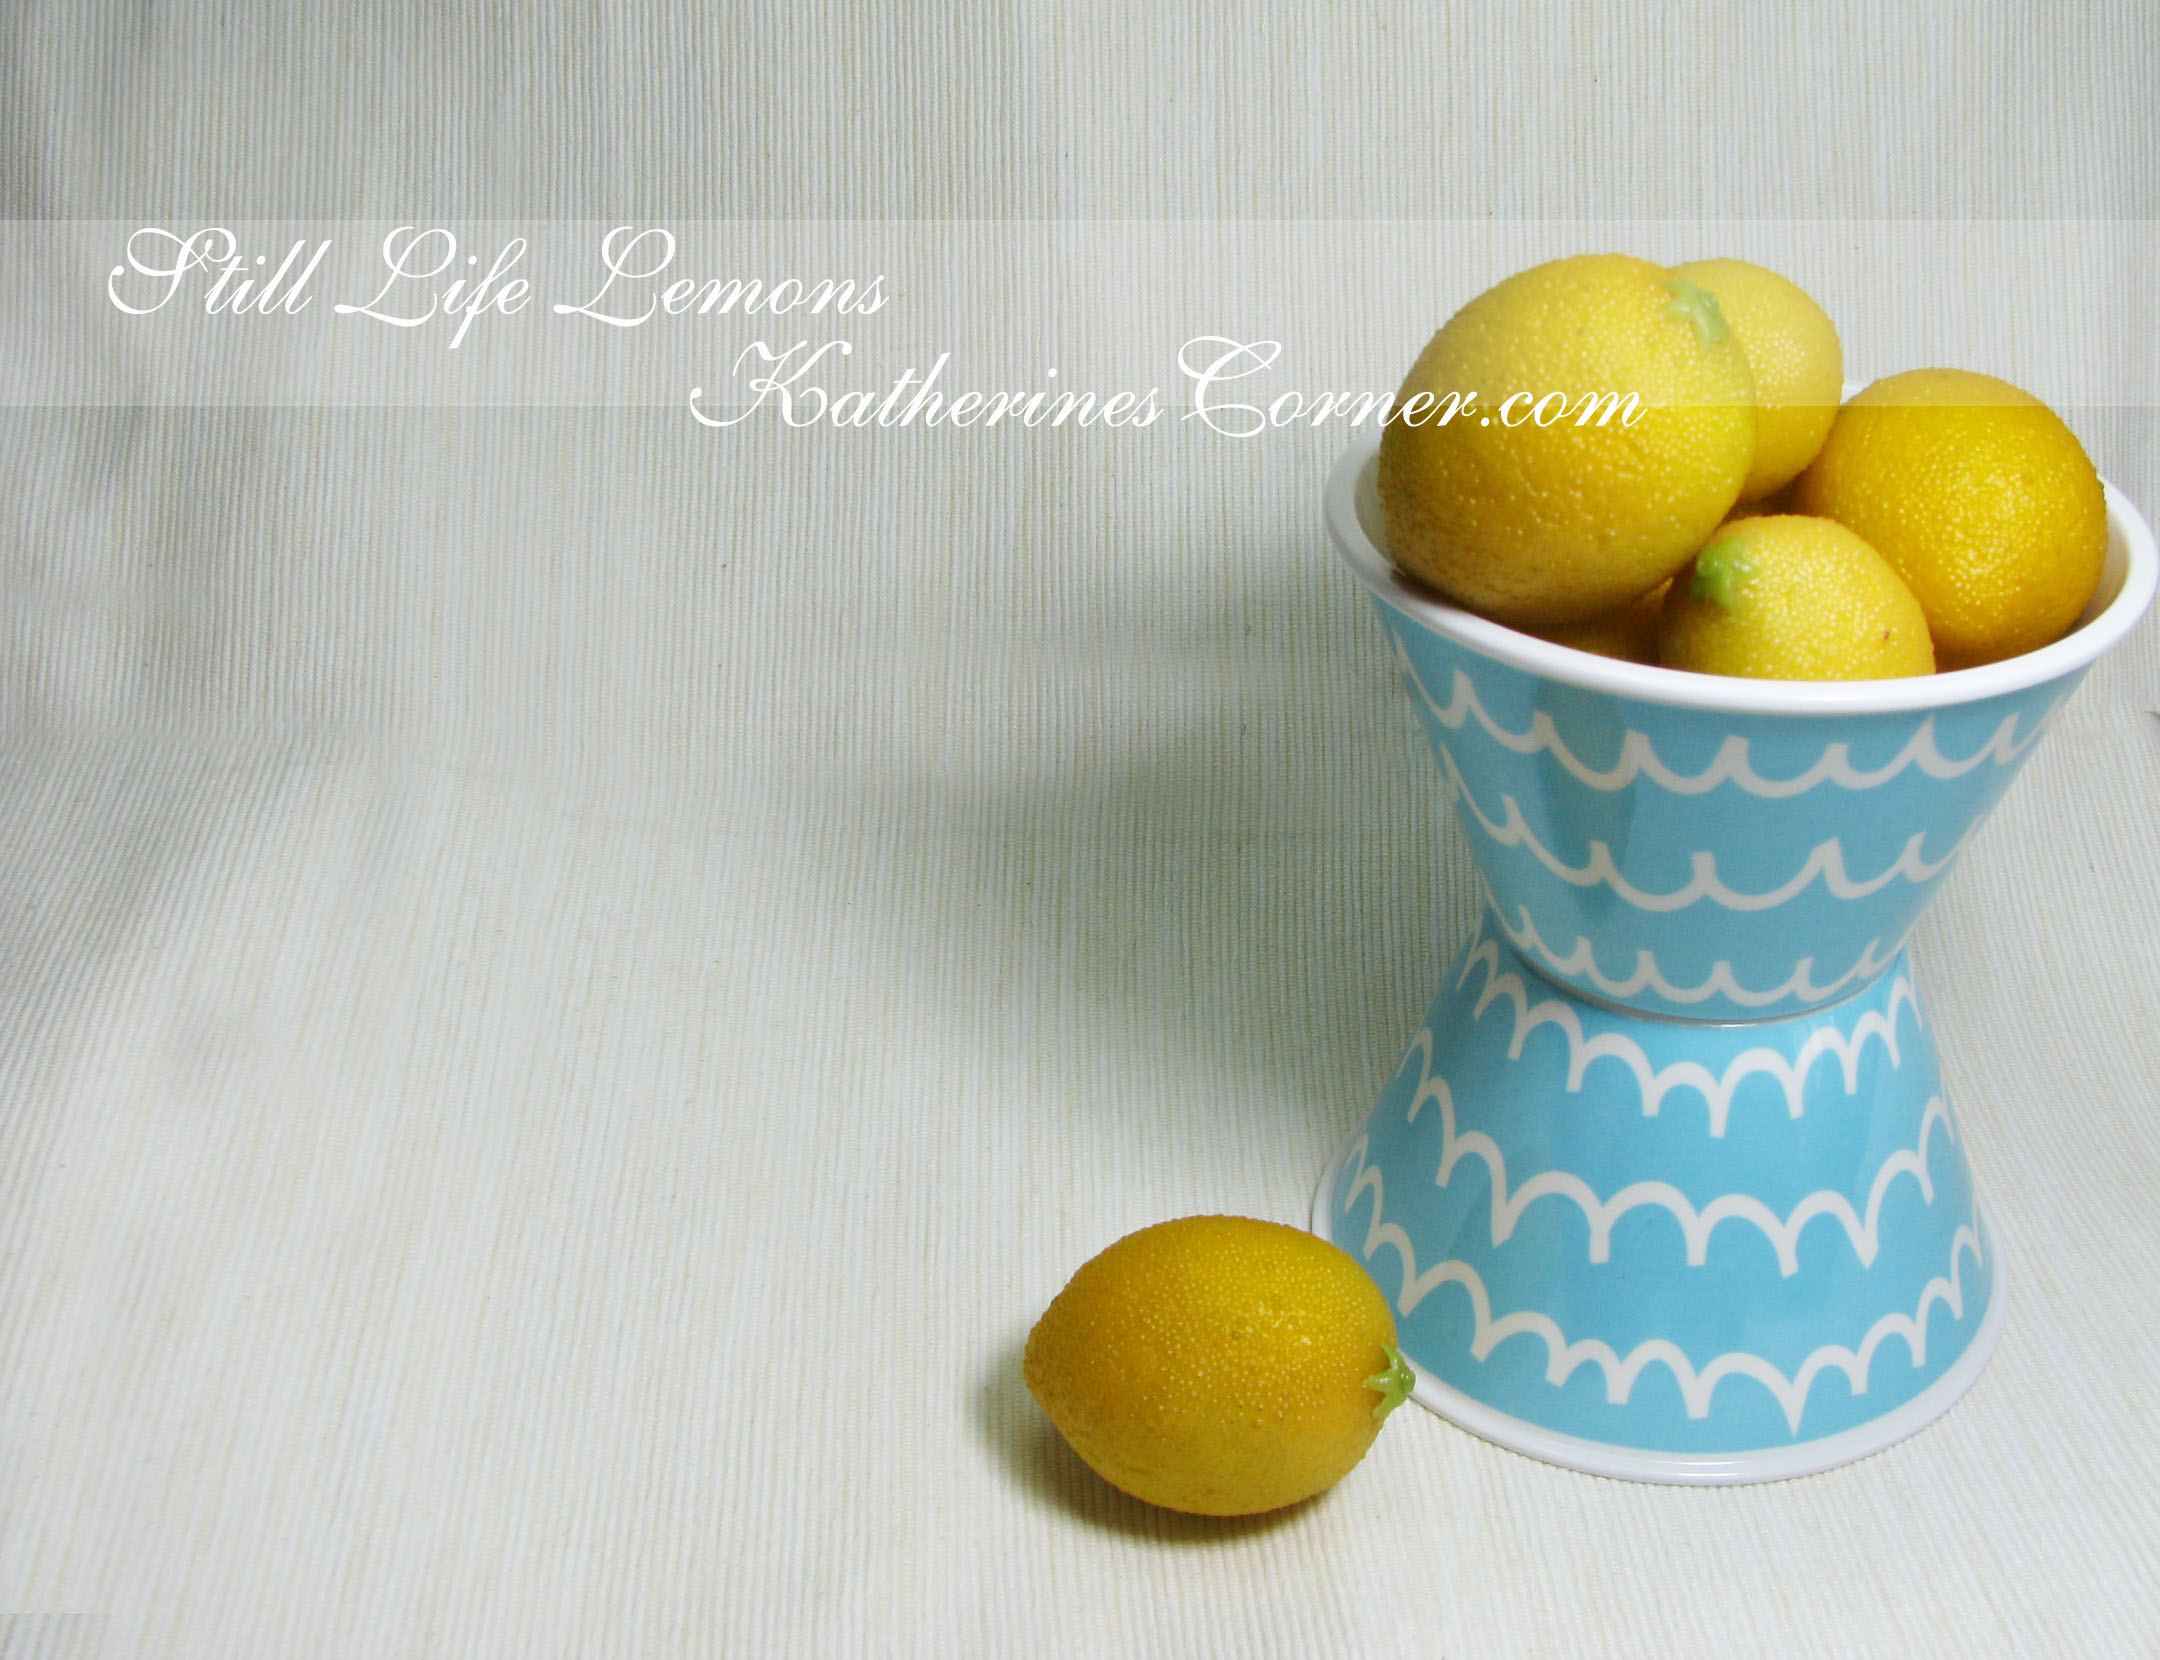 Still Life Lemons